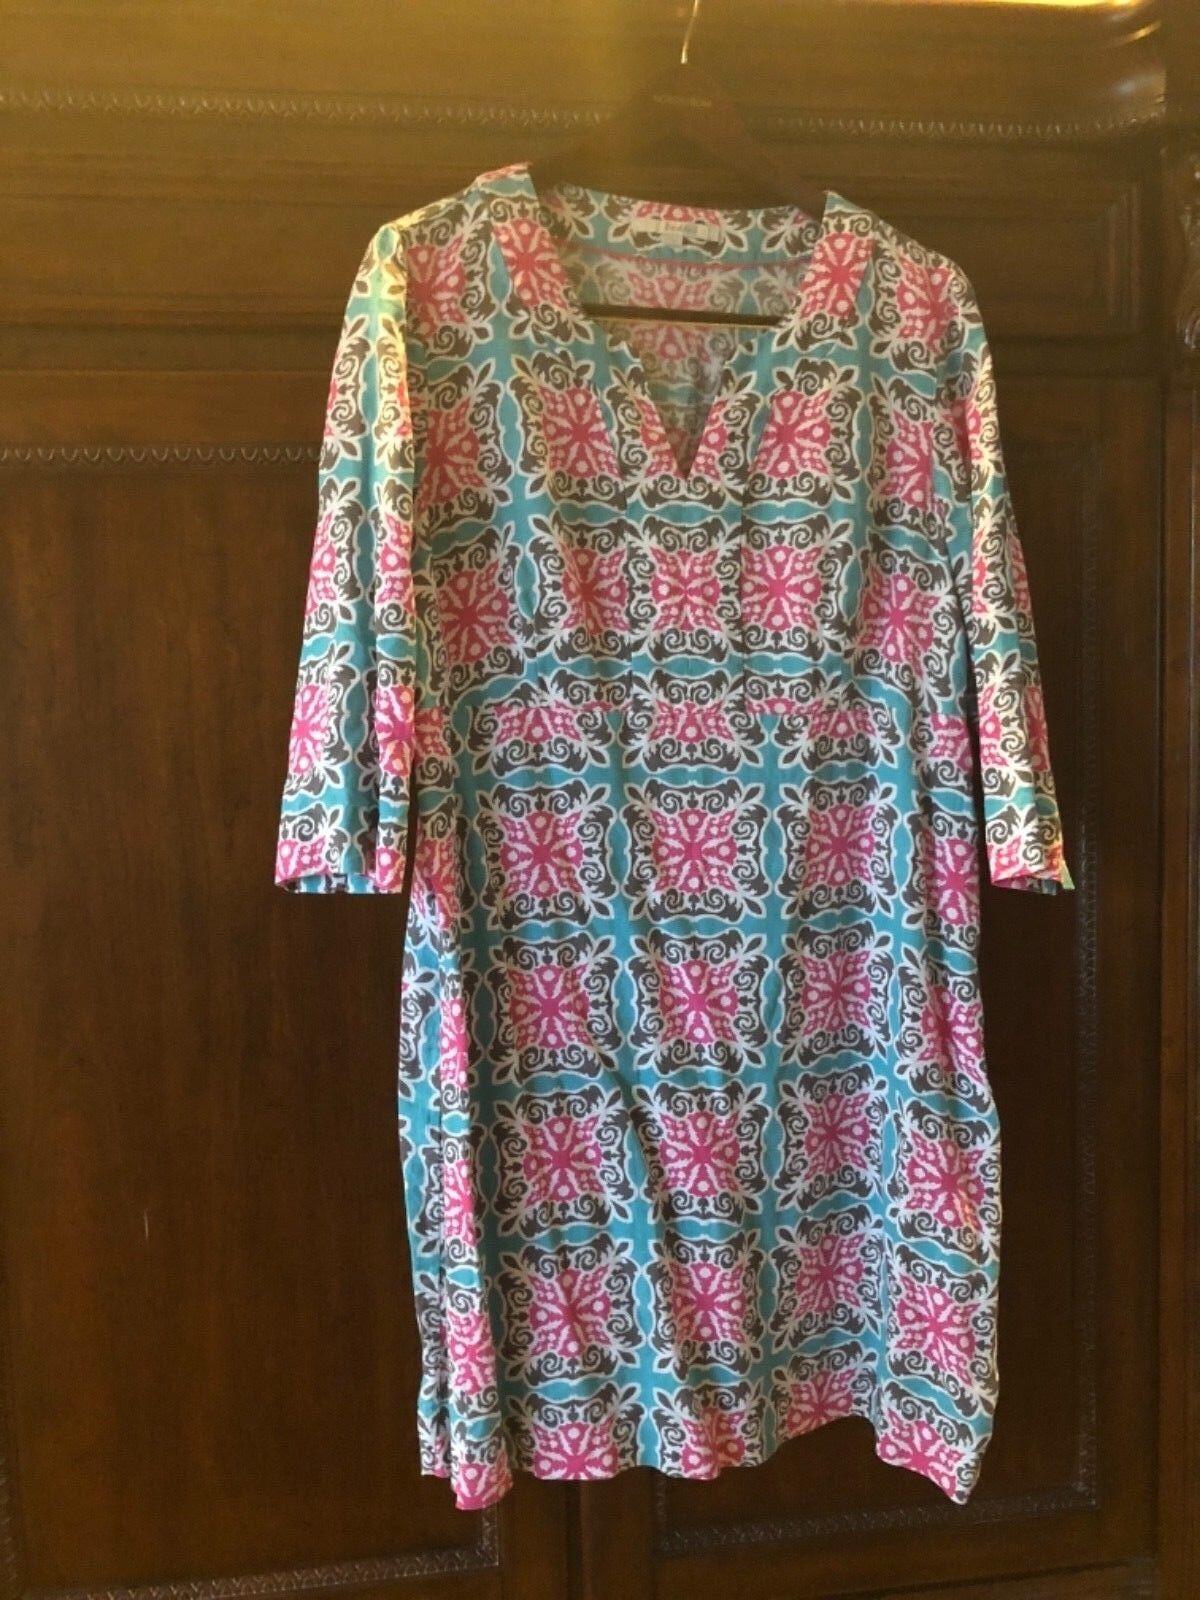 Boden 100% Linen dress Größe 16R